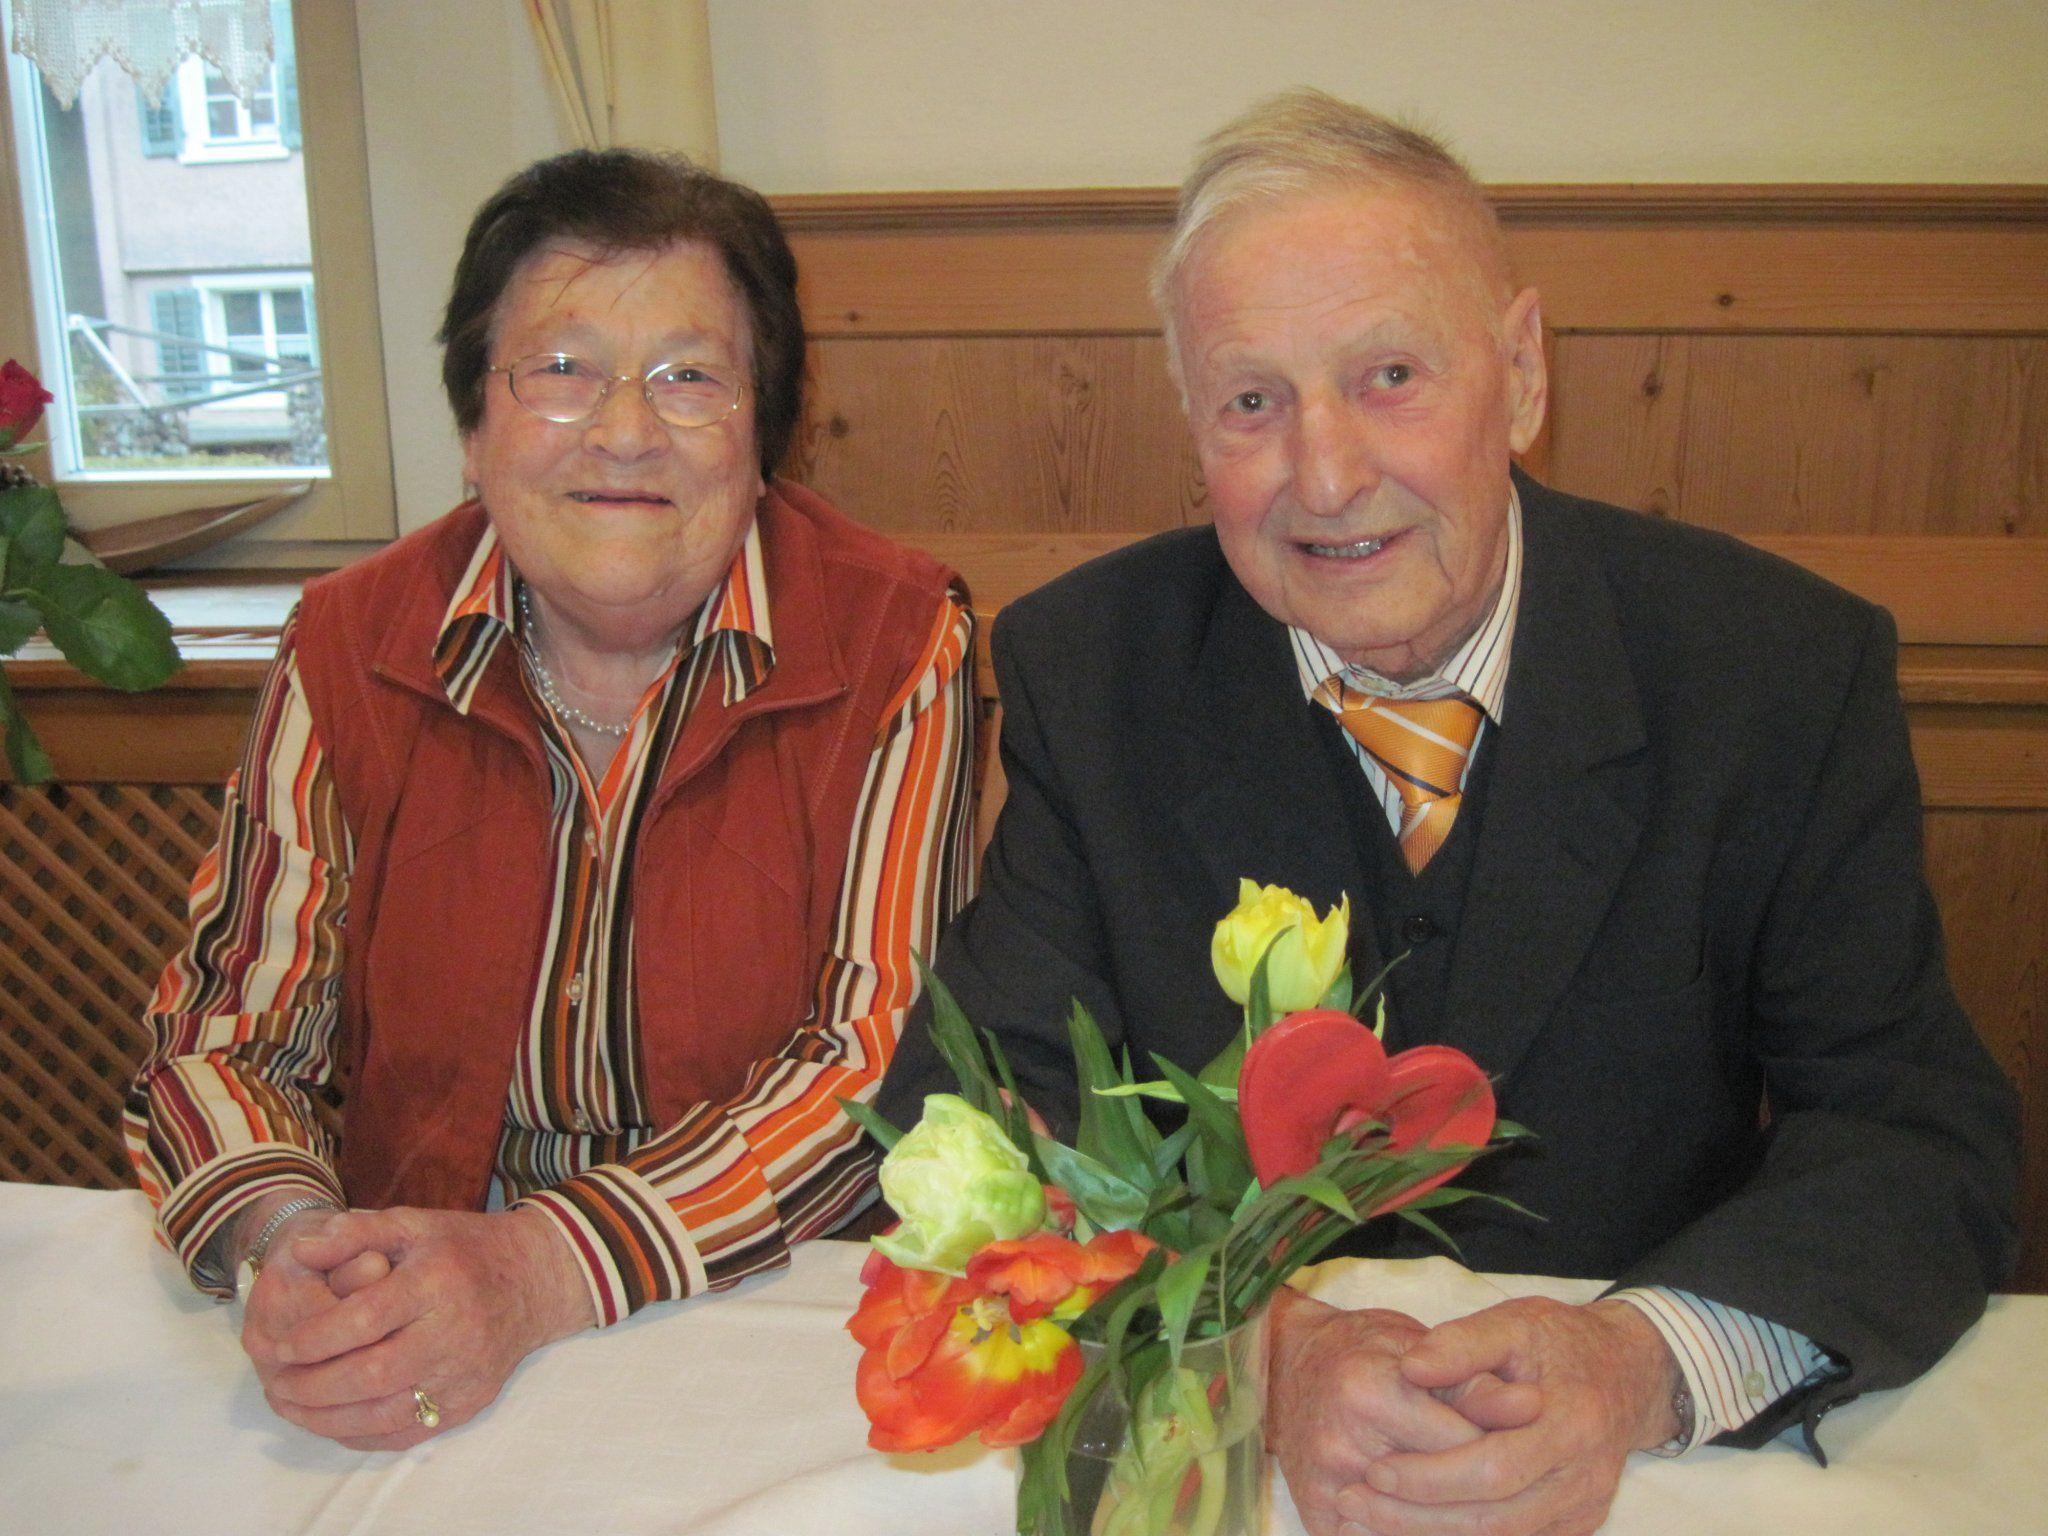 Seit 60 Jahren gehen Hedi und Siegfried gemeinsam durchs Leben